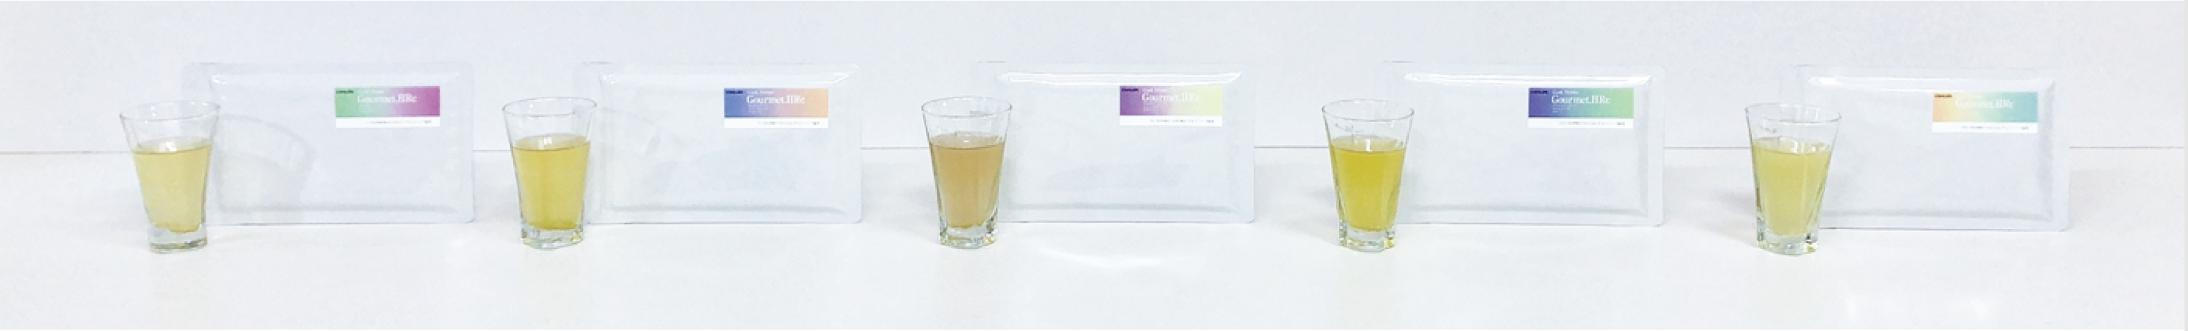 グルメハーブ緑茶